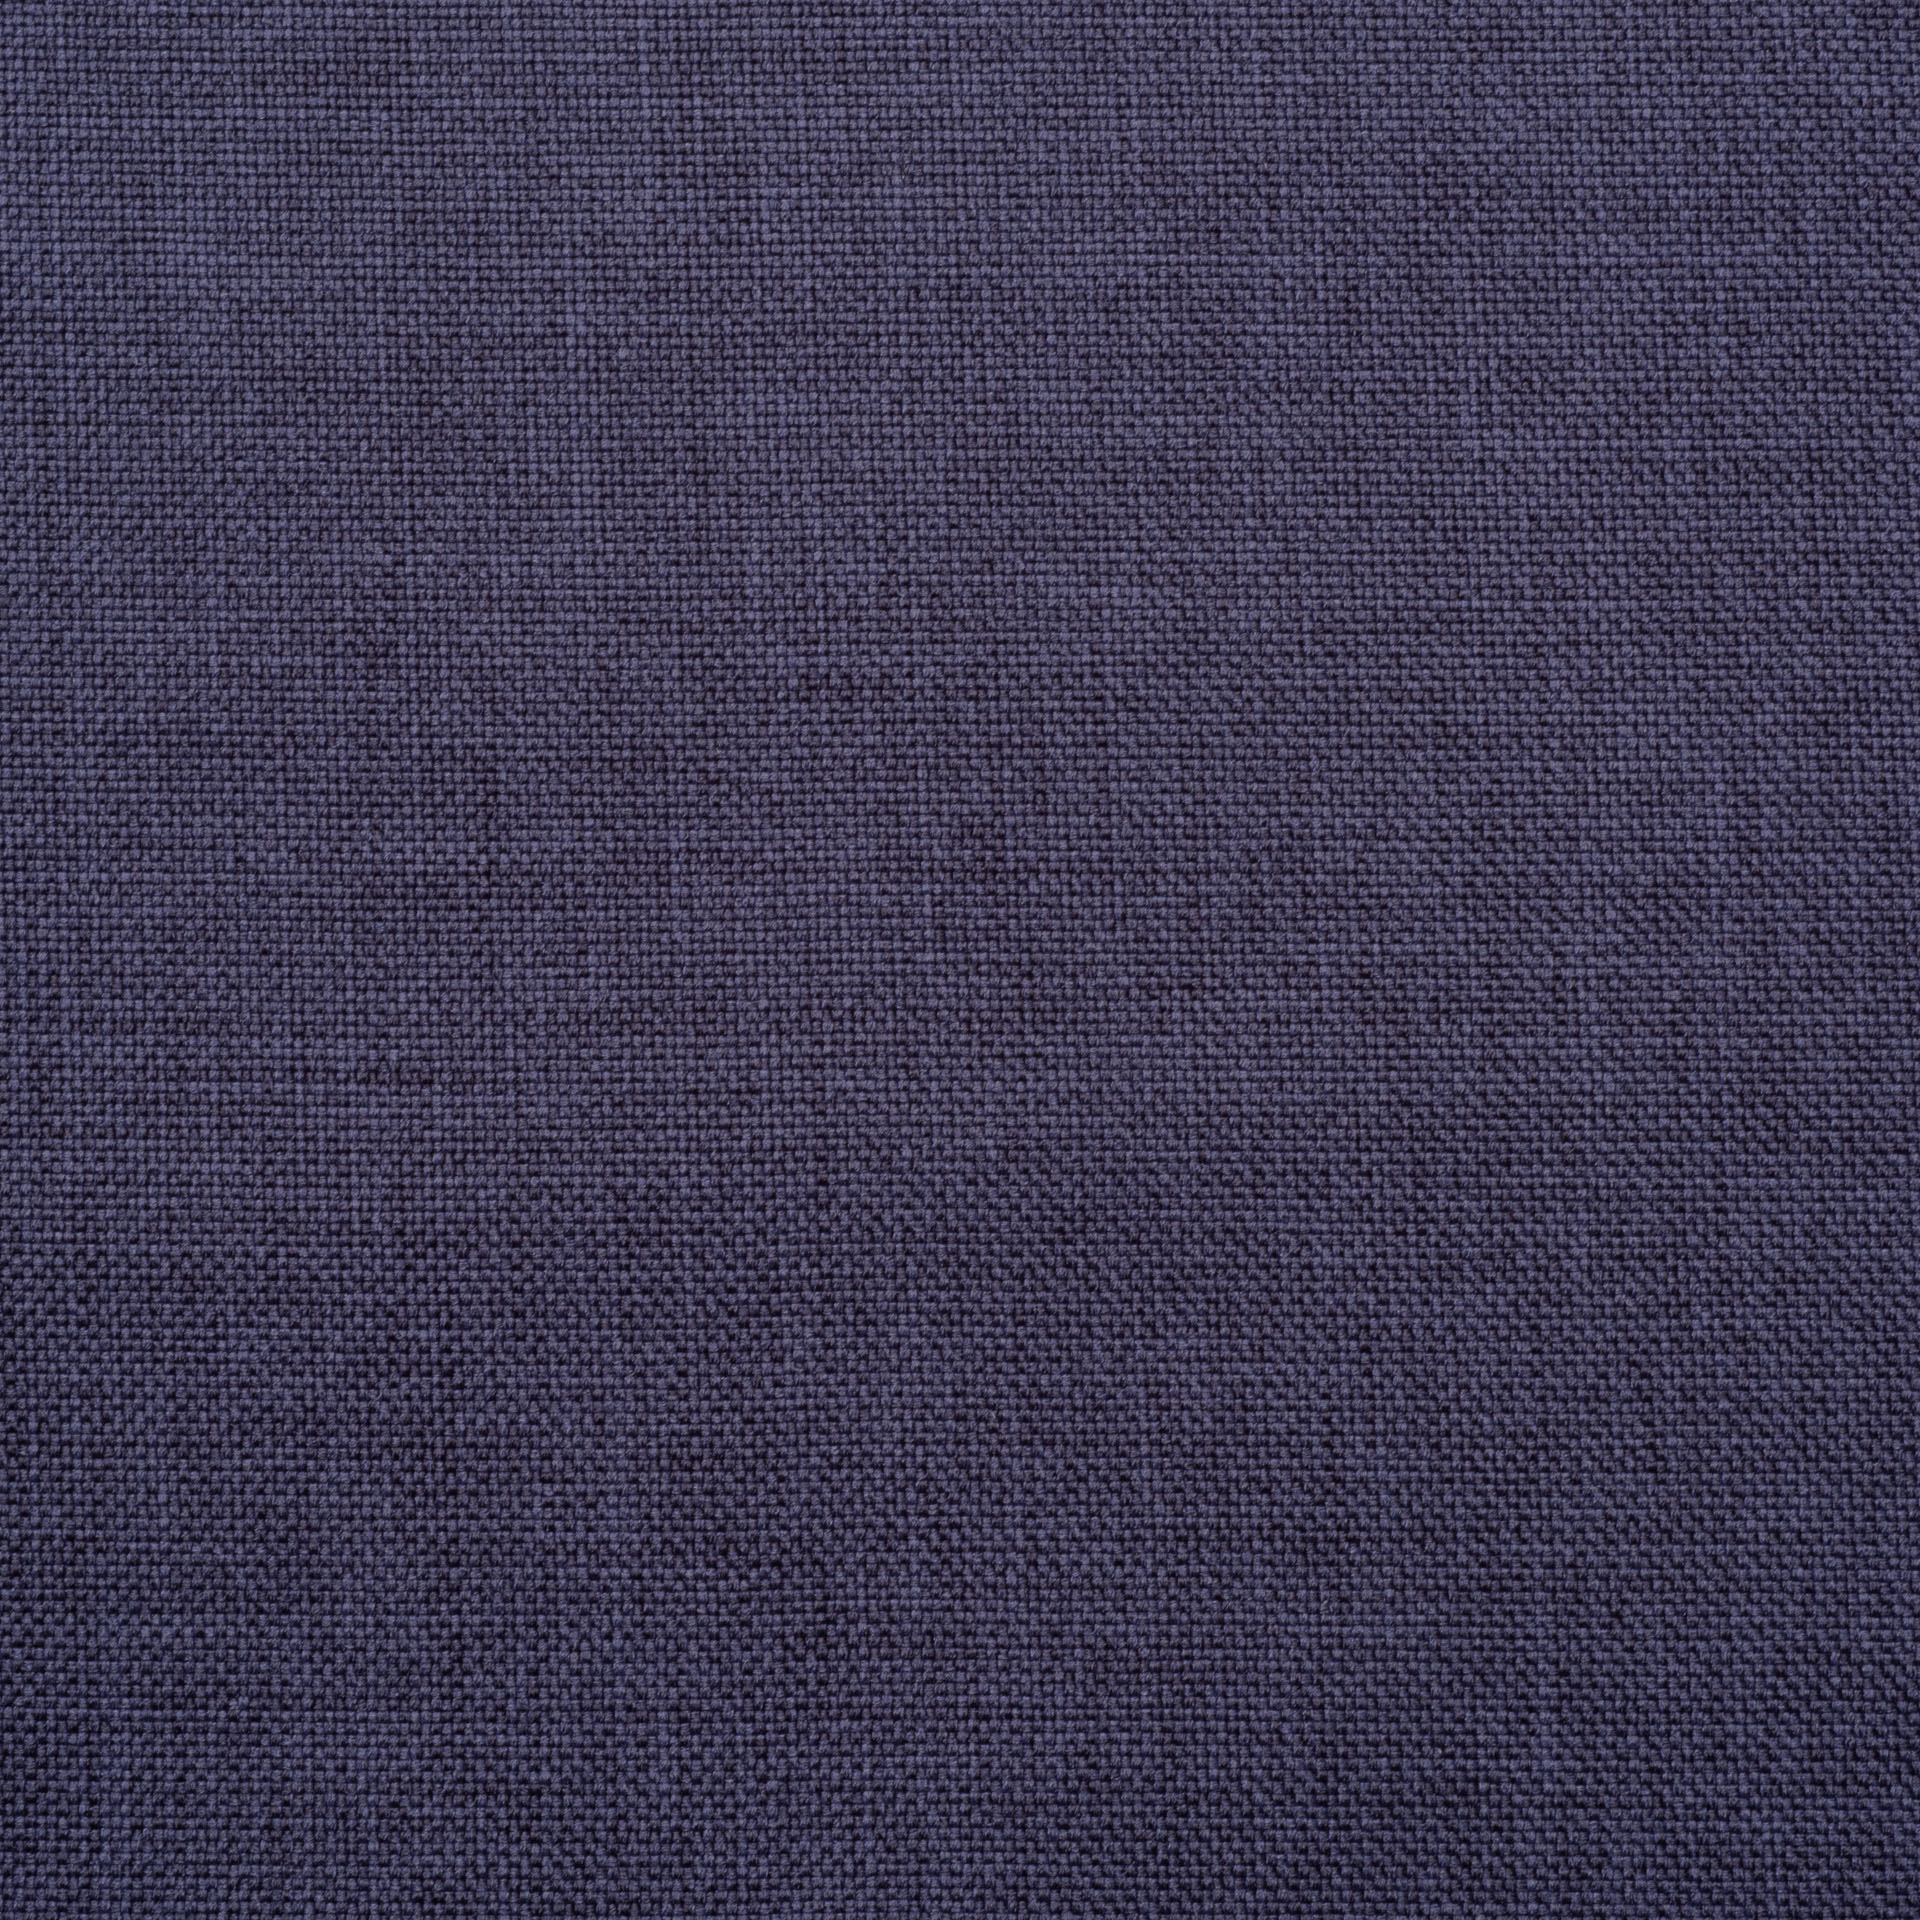 Коллекция ткани Саванна nova 13 Violet,  купить ткань Жаккард для мебели Украина